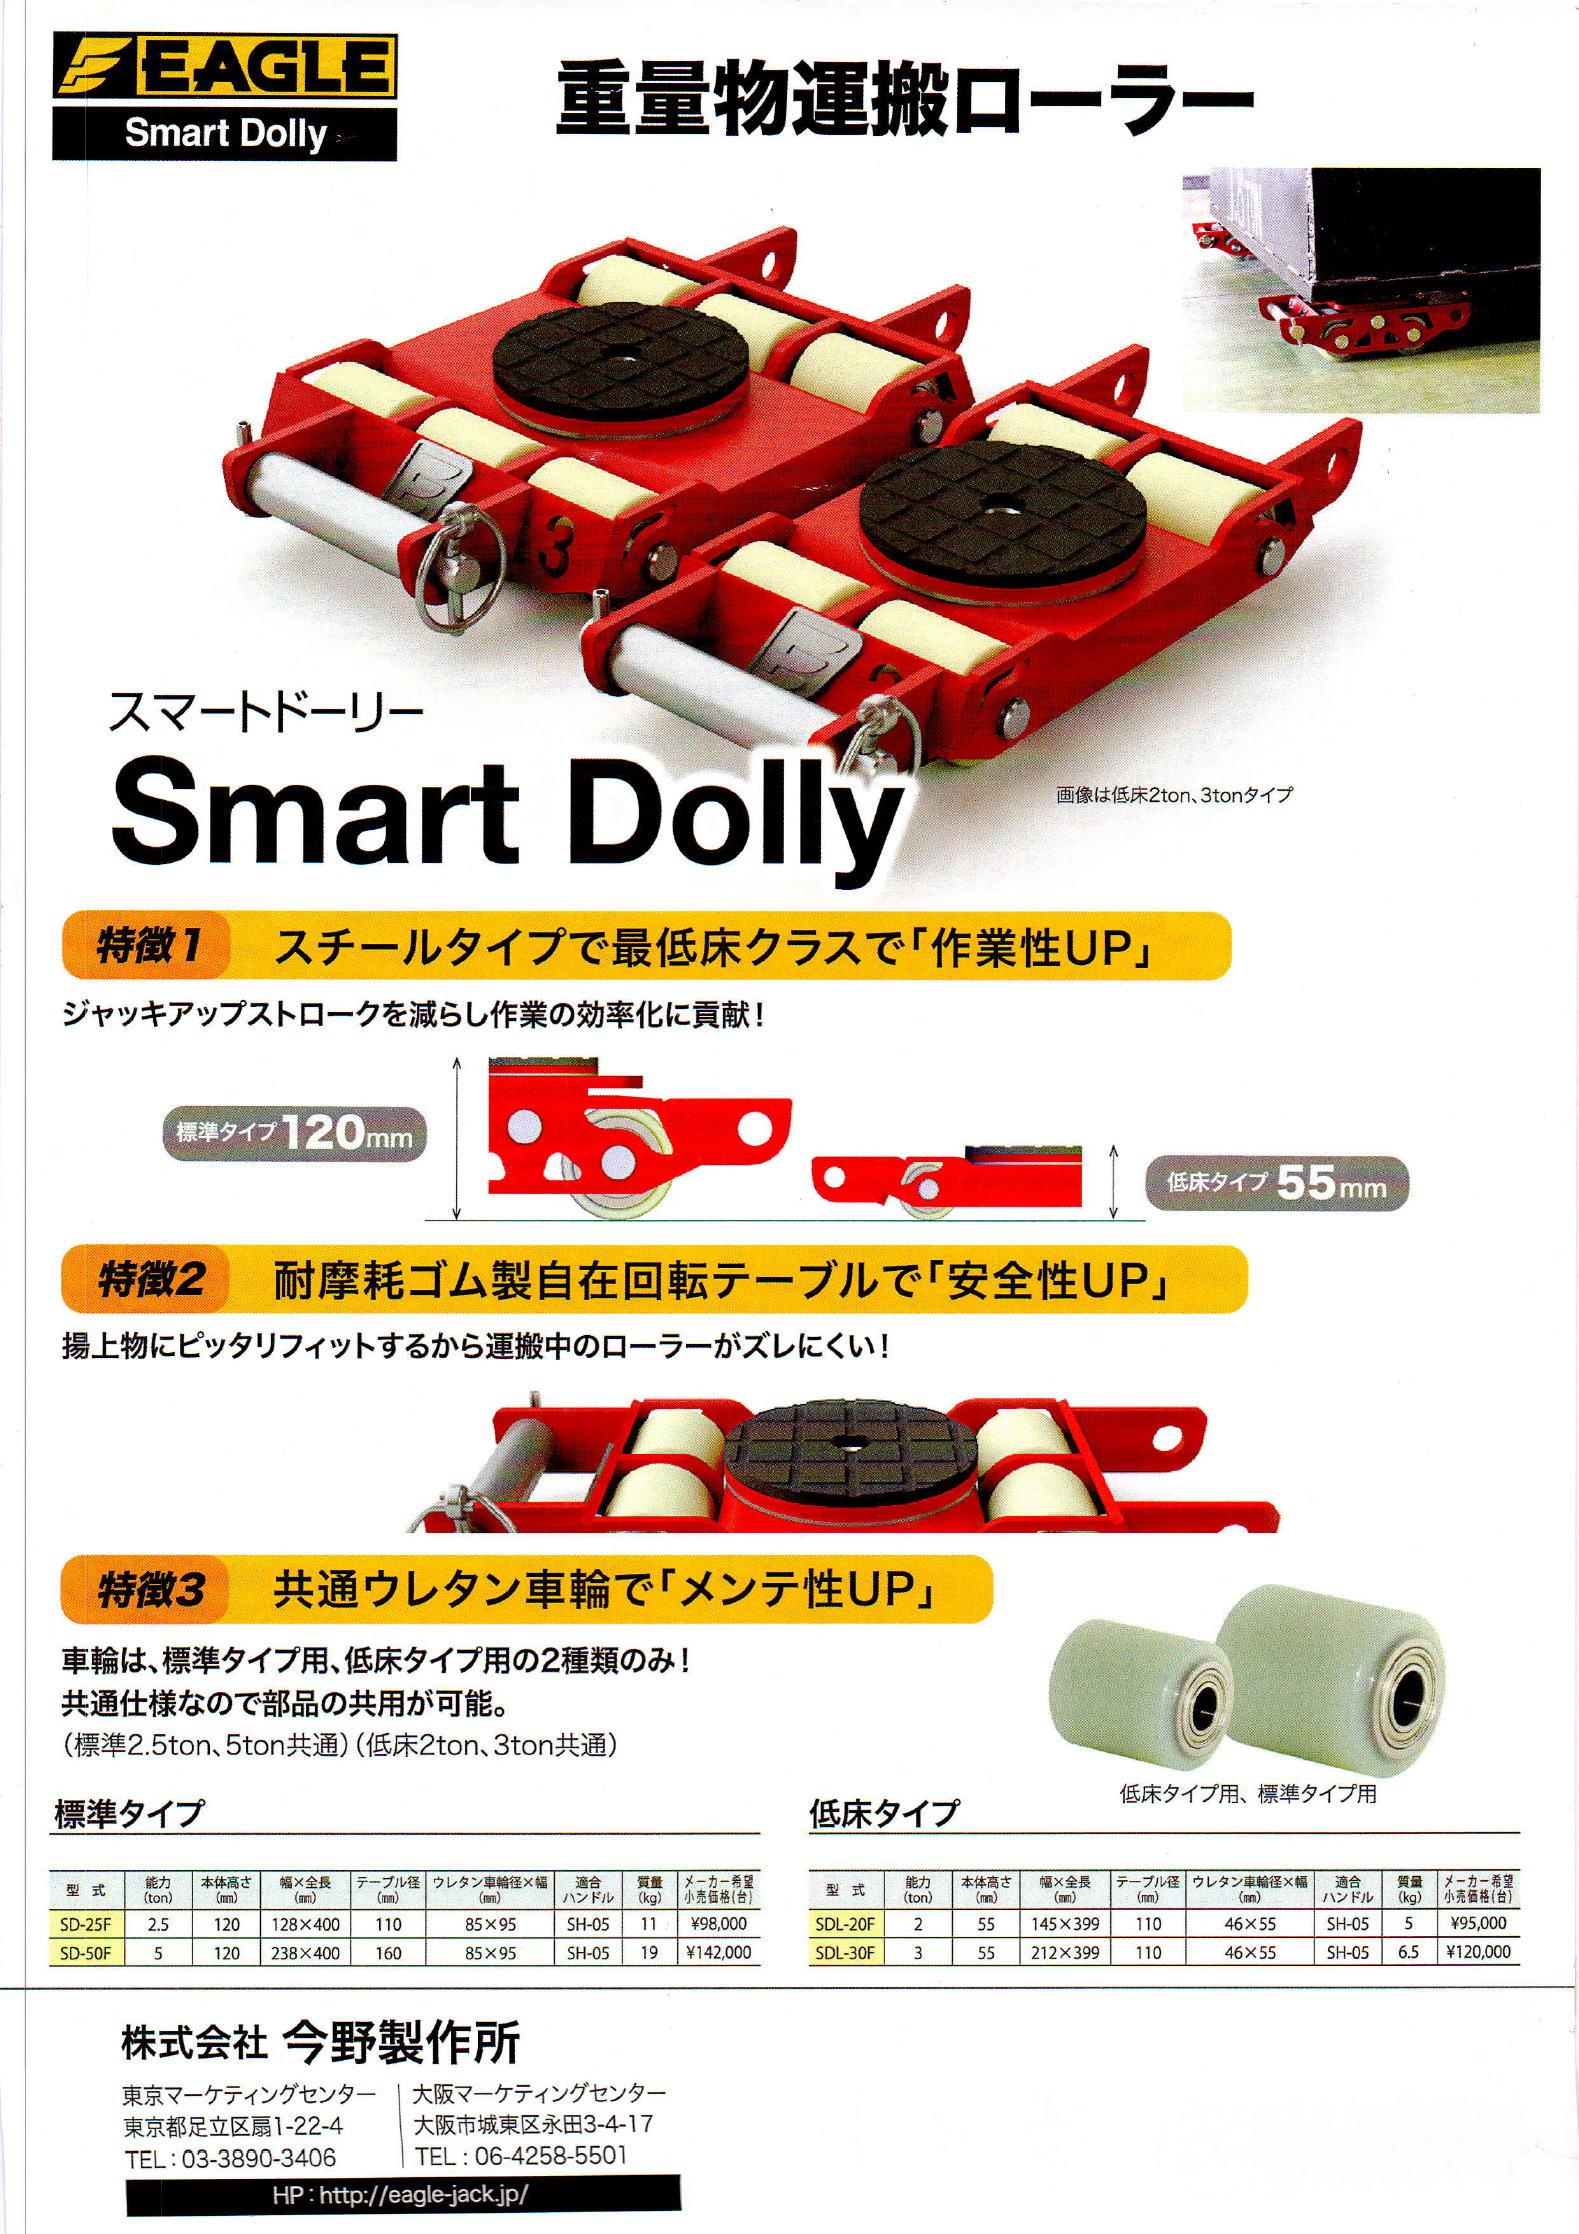 EAGLE(イーグル)今野製作所 重量物運搬ローラー Smart Dolly 型式:SD-25F / SD-50F /SDL-20F / SDL-30F